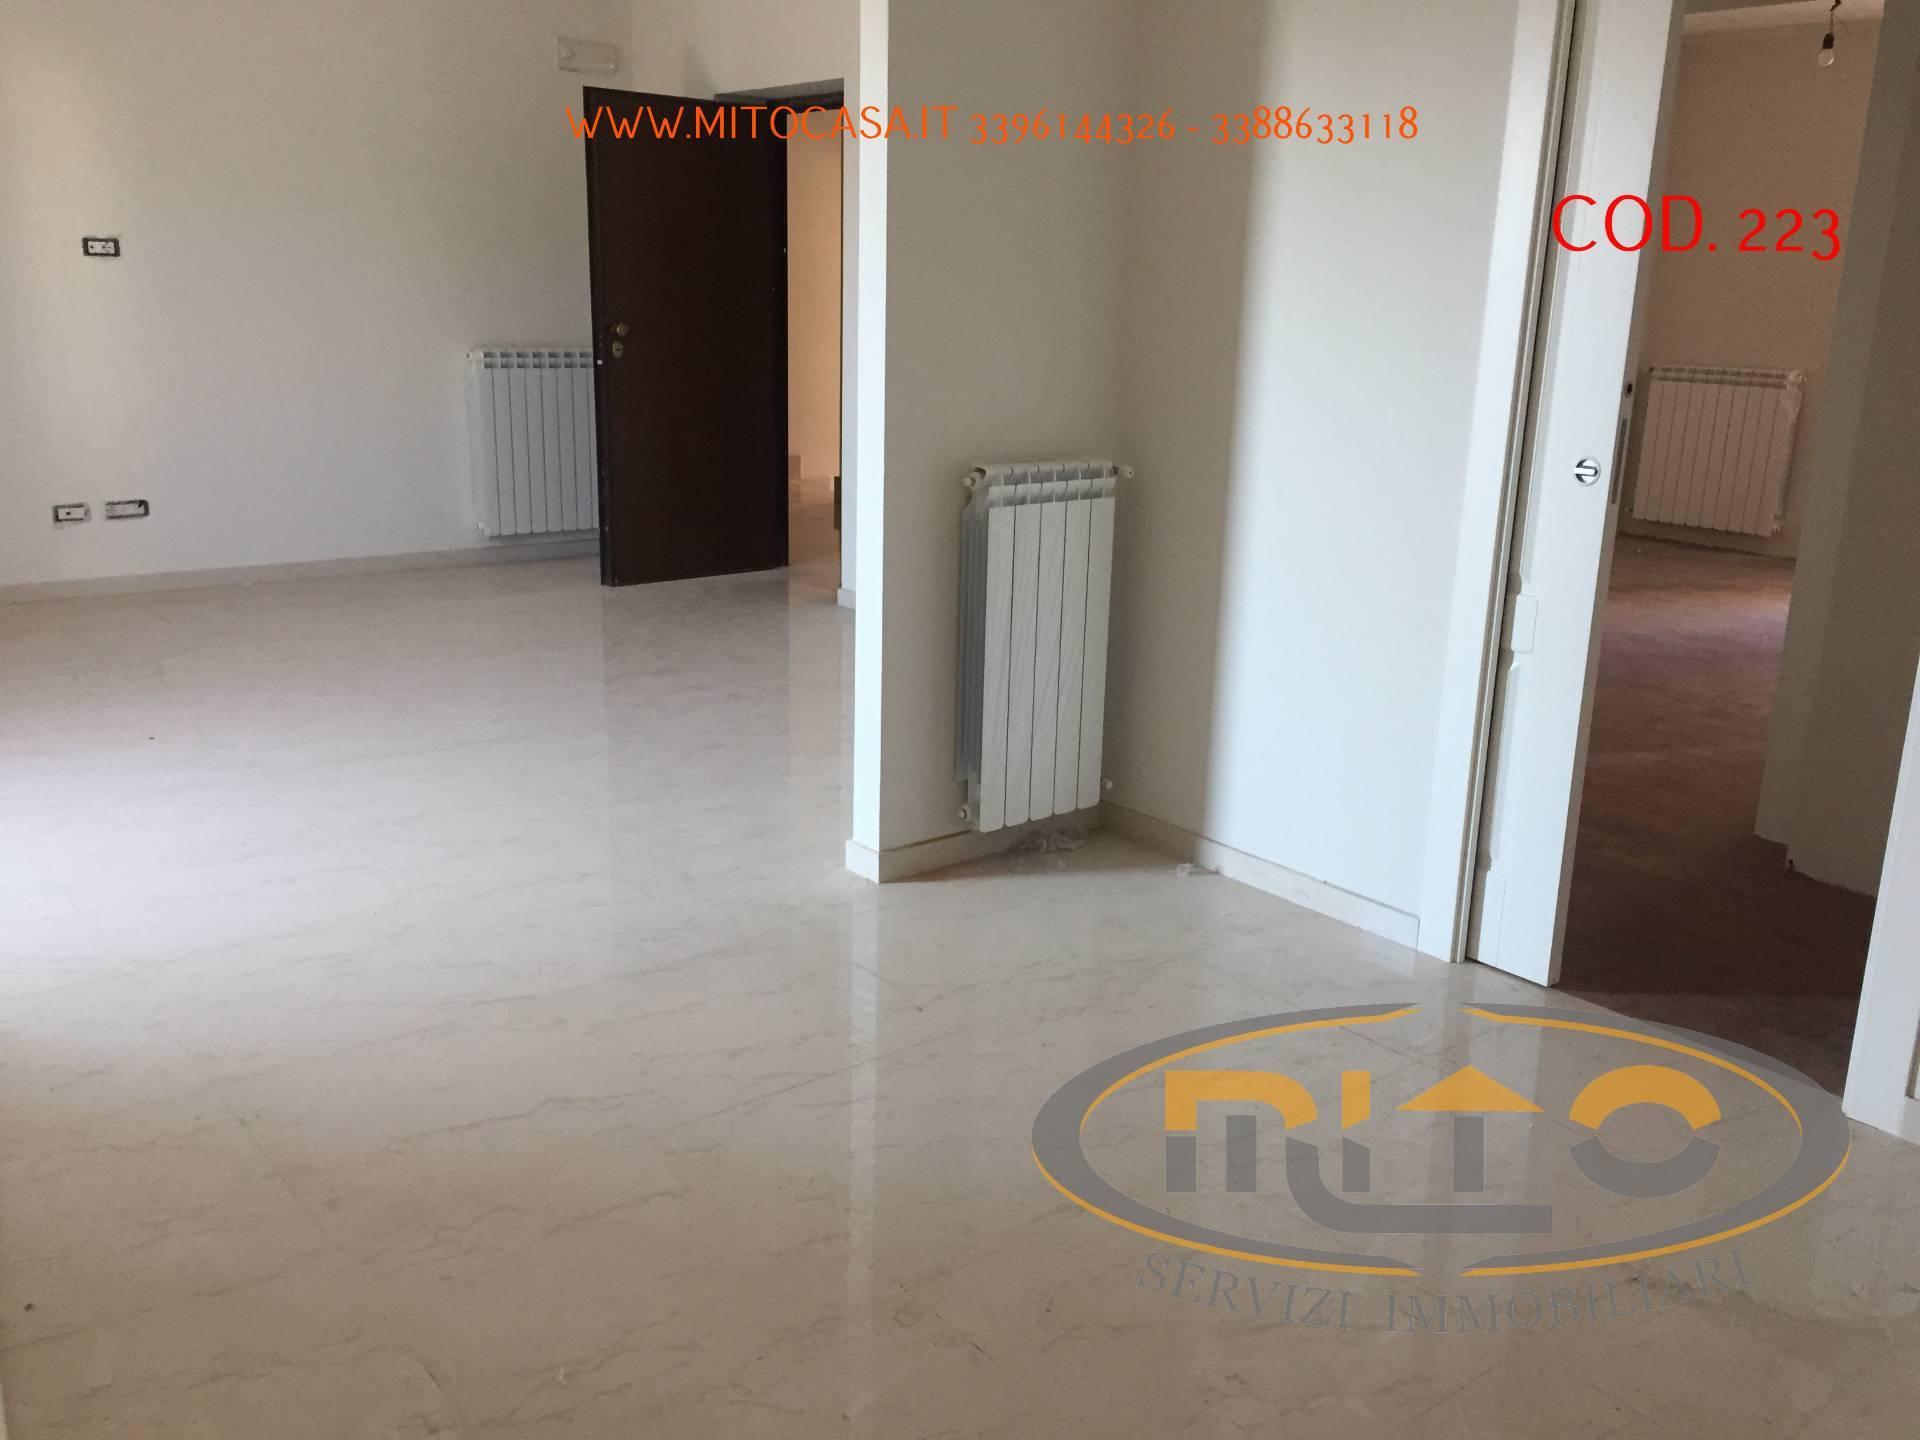 Appartamento in vendita a Telese Terme, 6 locali, prezzo € 135.000 | CambioCasa.it